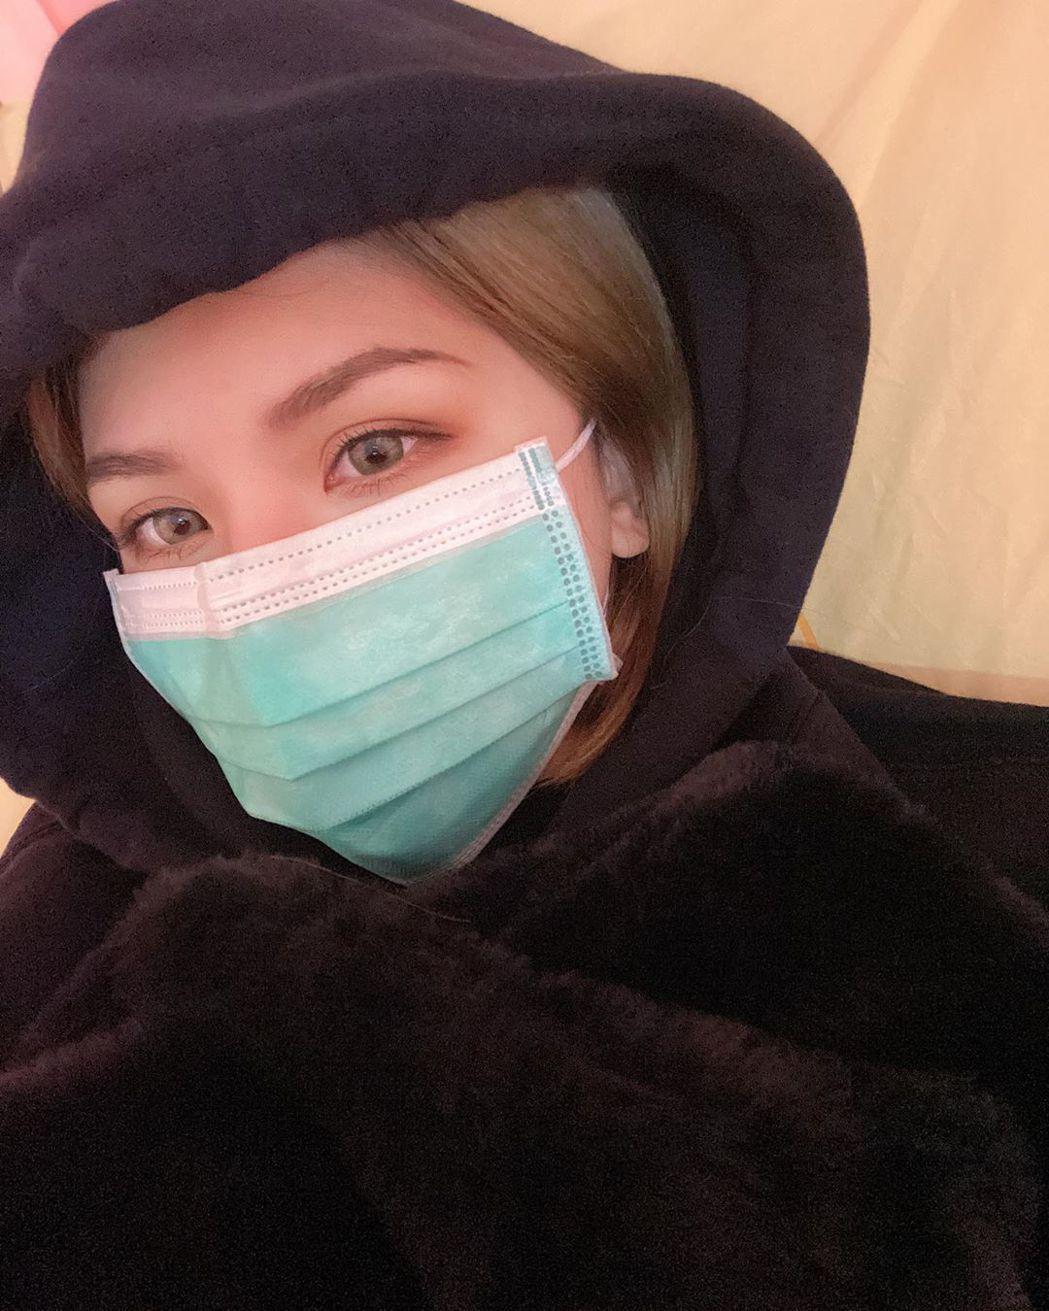 蕾菈生病發燒三天。 圖/擷自蕾菈IG